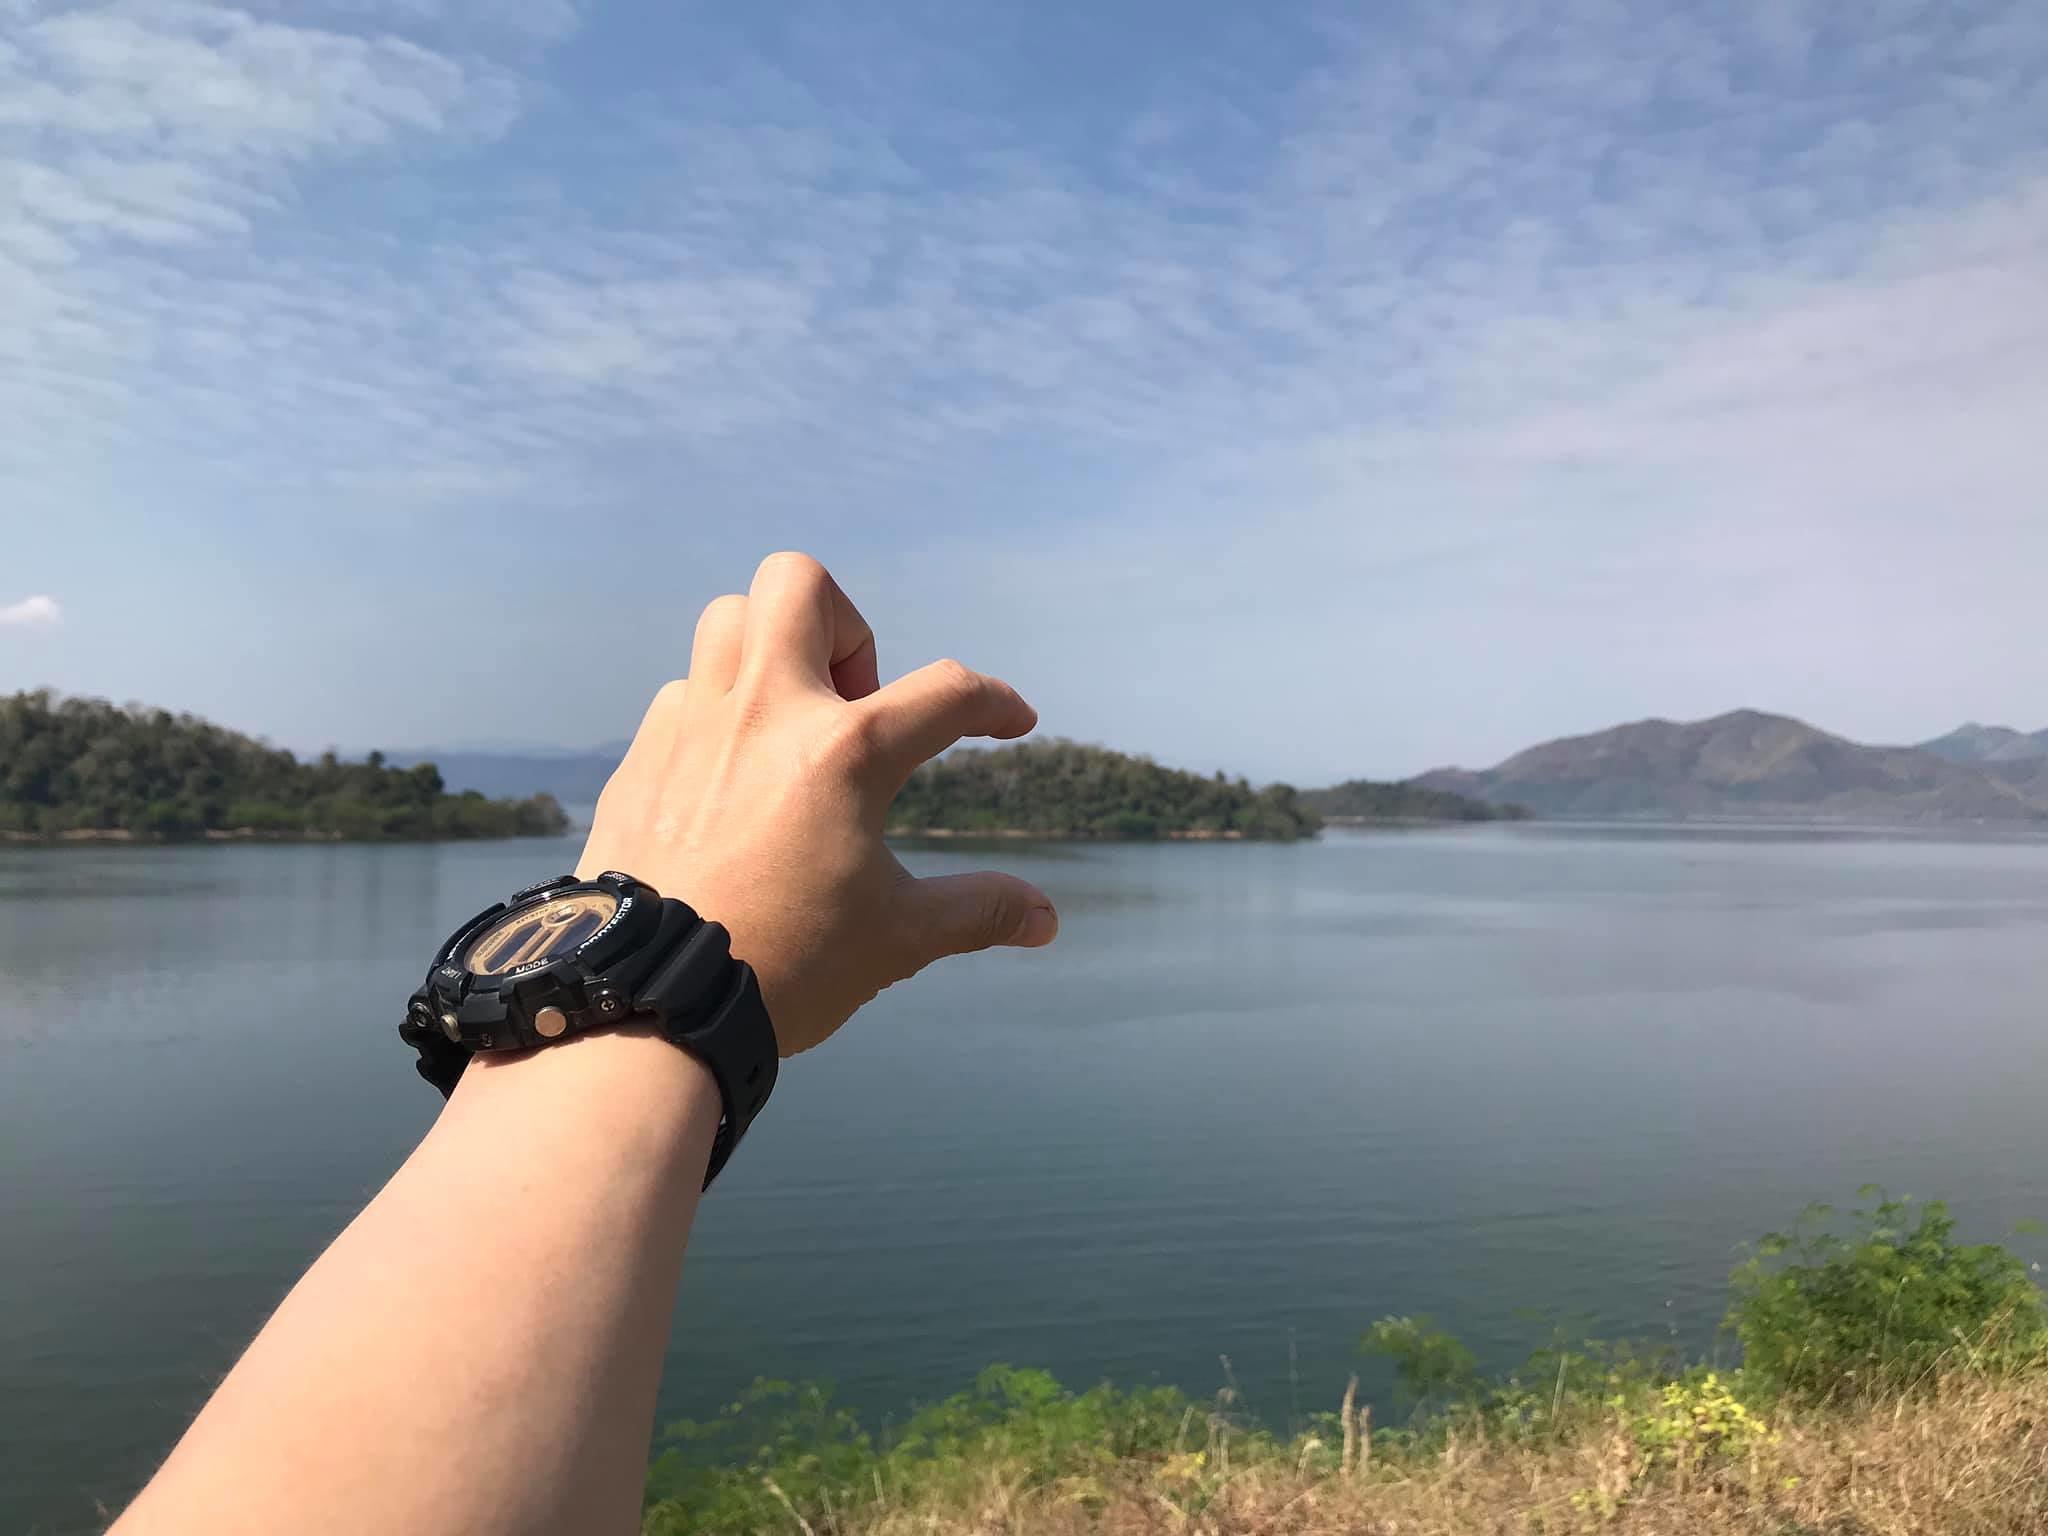 ทริป#1หนีPM 2.5  ออกนอกเมืองหนีฝุ่น PM 2.5 เข้าป่าหาอากาศดีๆให้ปอดกันดีกว่า